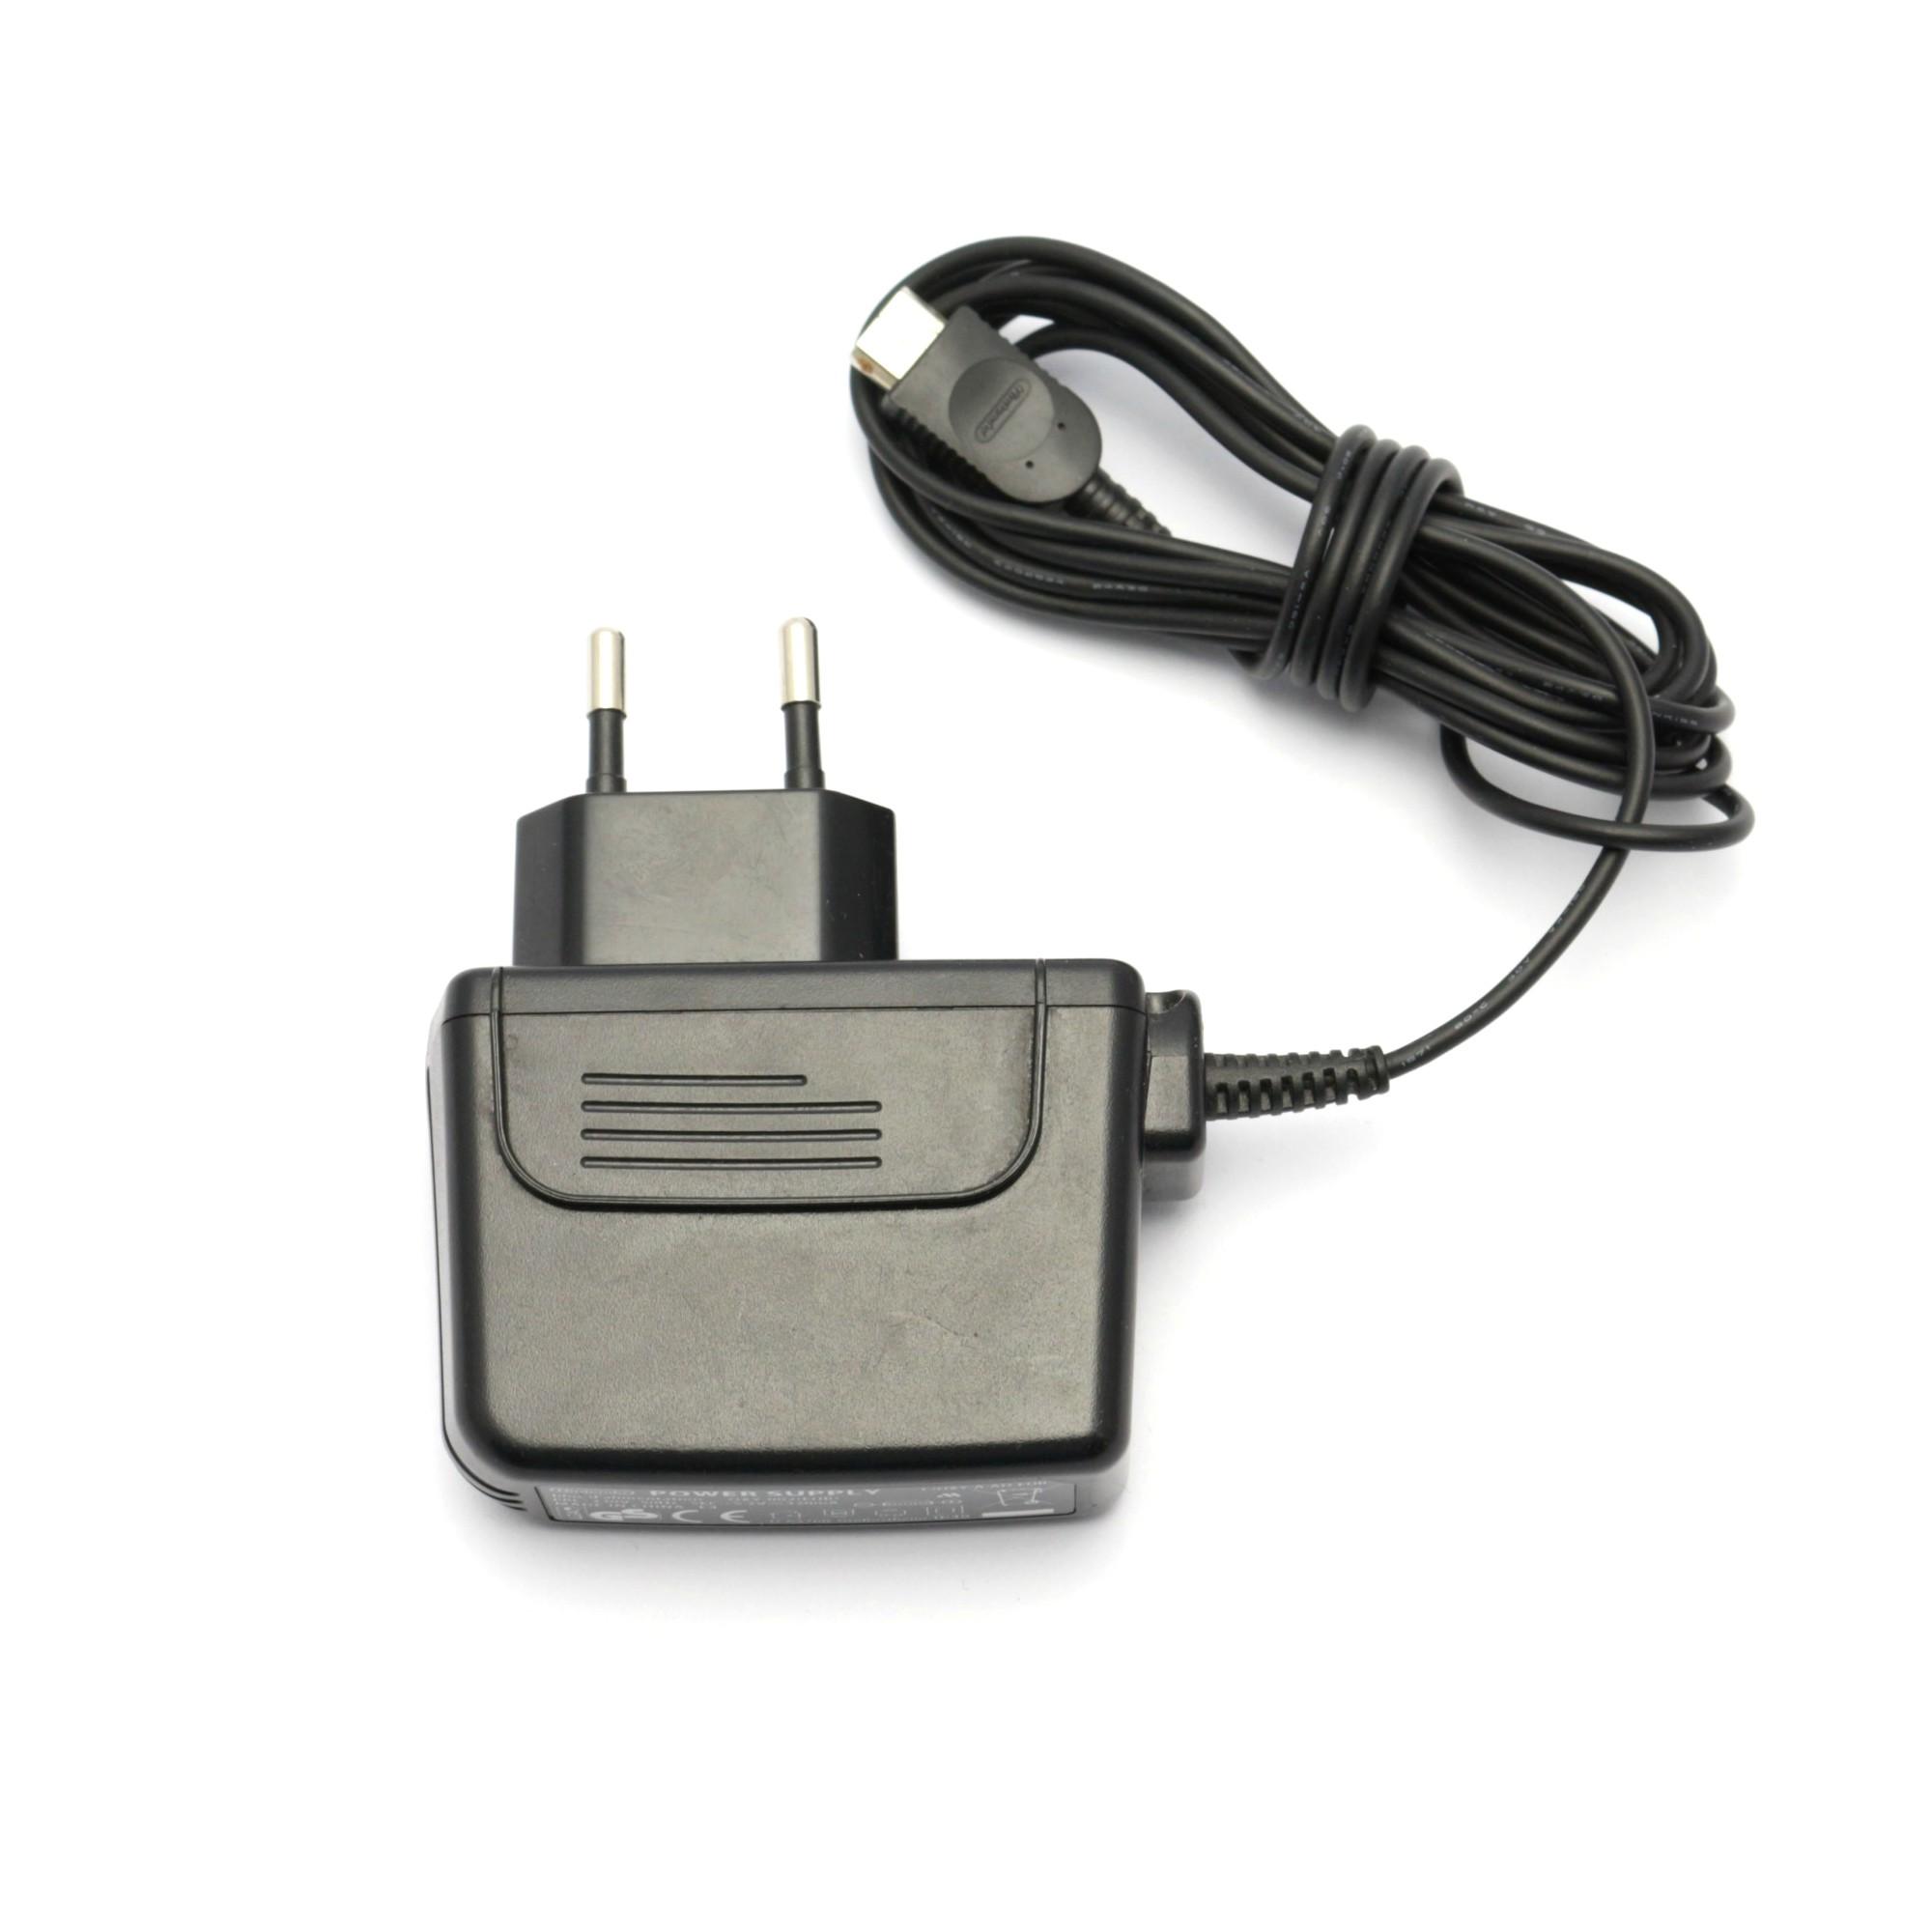 GameBoy Micro - Original DE Netzteil / AC Adapter / Ladegerät / Ladekabel [Nintendo]